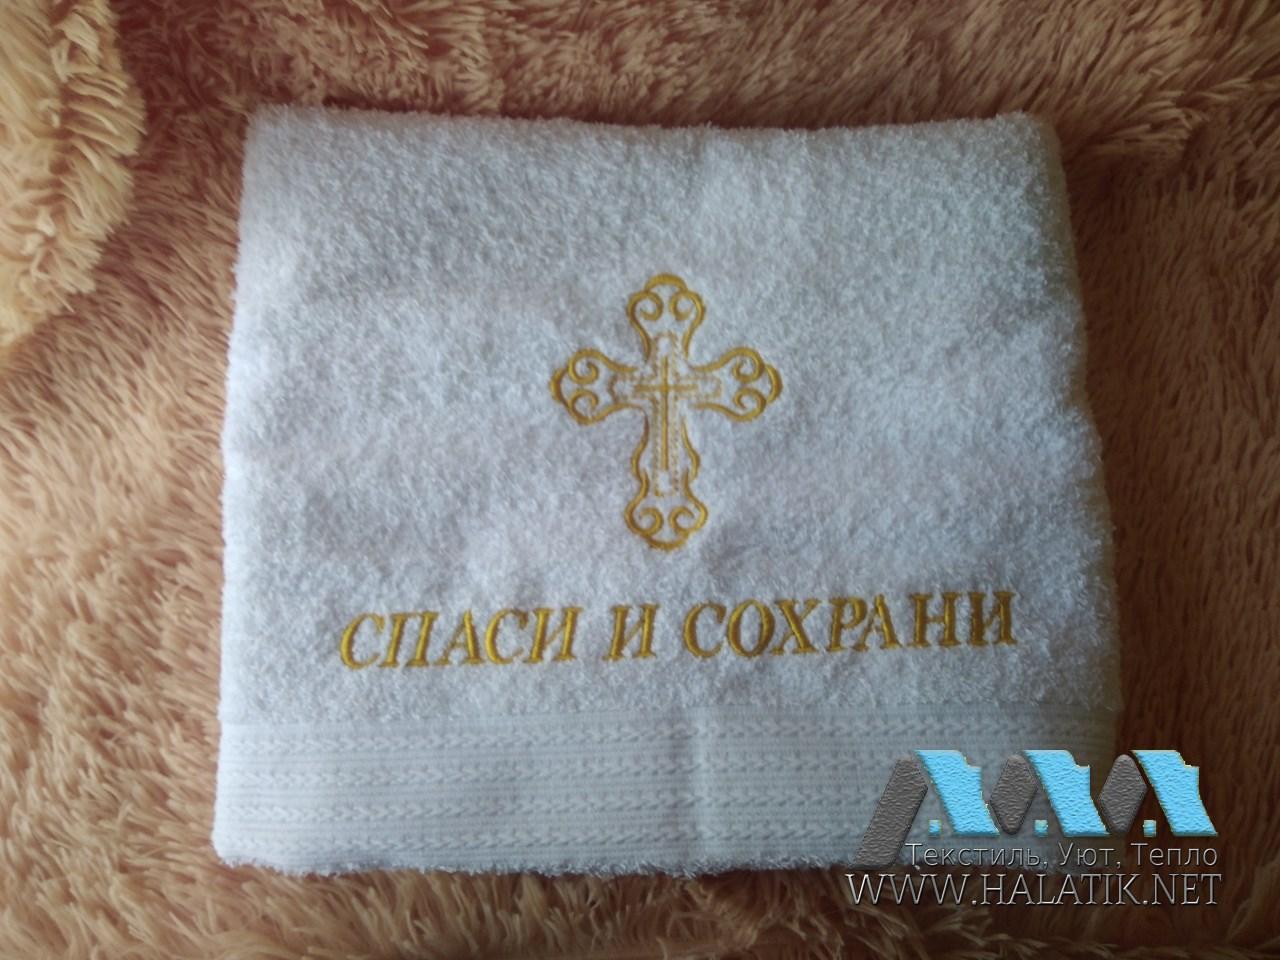 Именное полотенце №59 от halatik.net